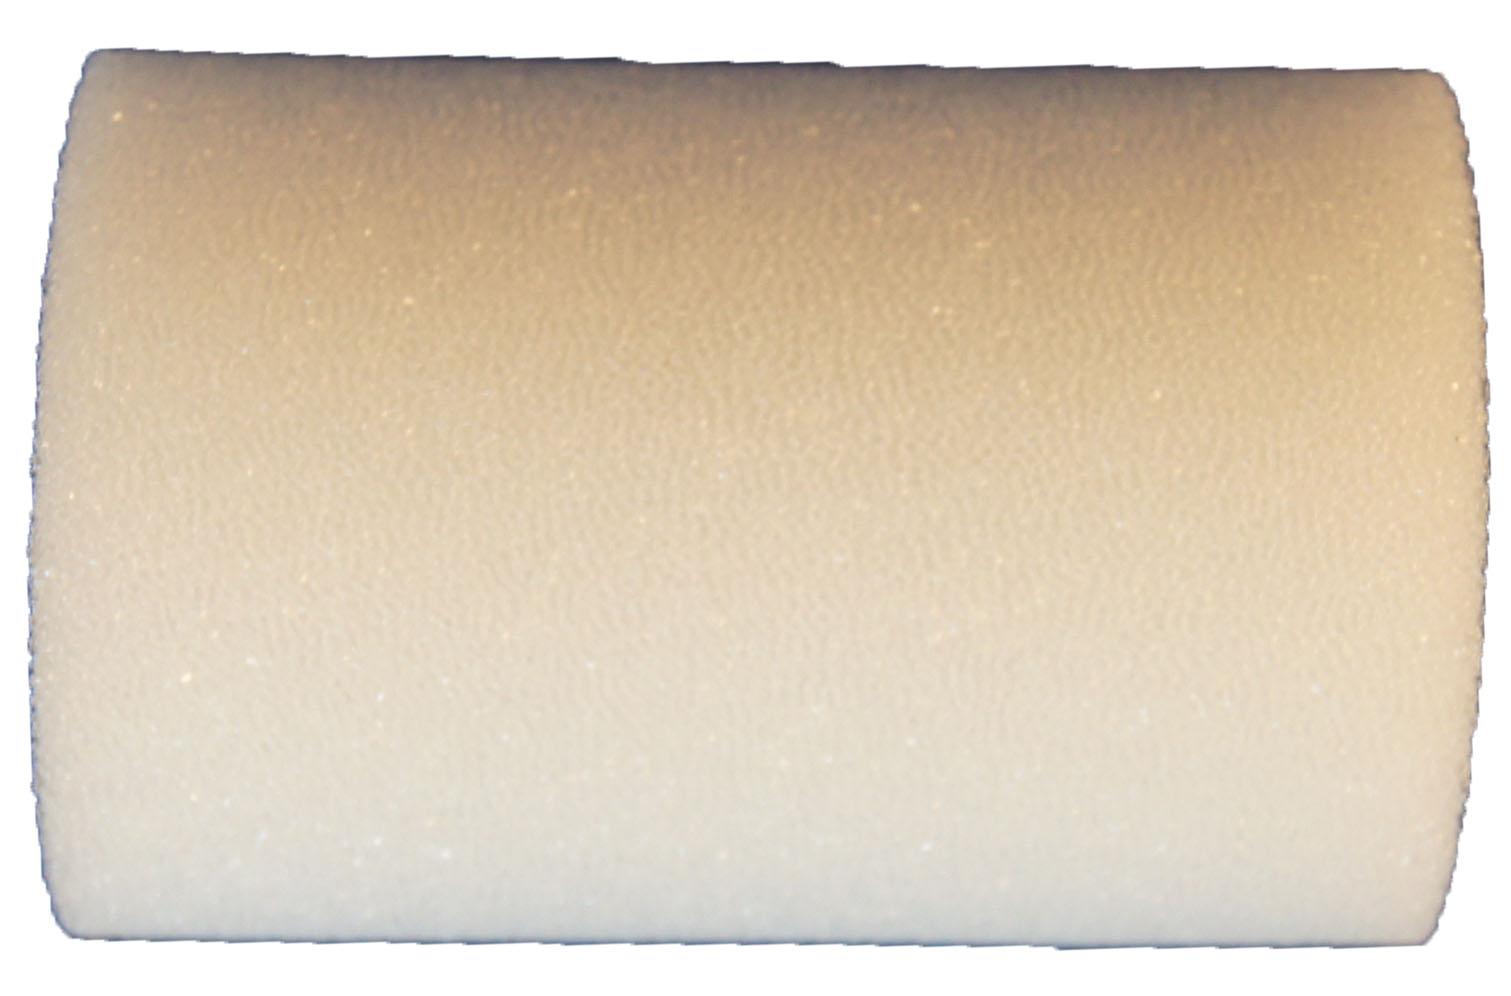 Fitex – Schuimroller super fijn beide zijden recht 5 cm.